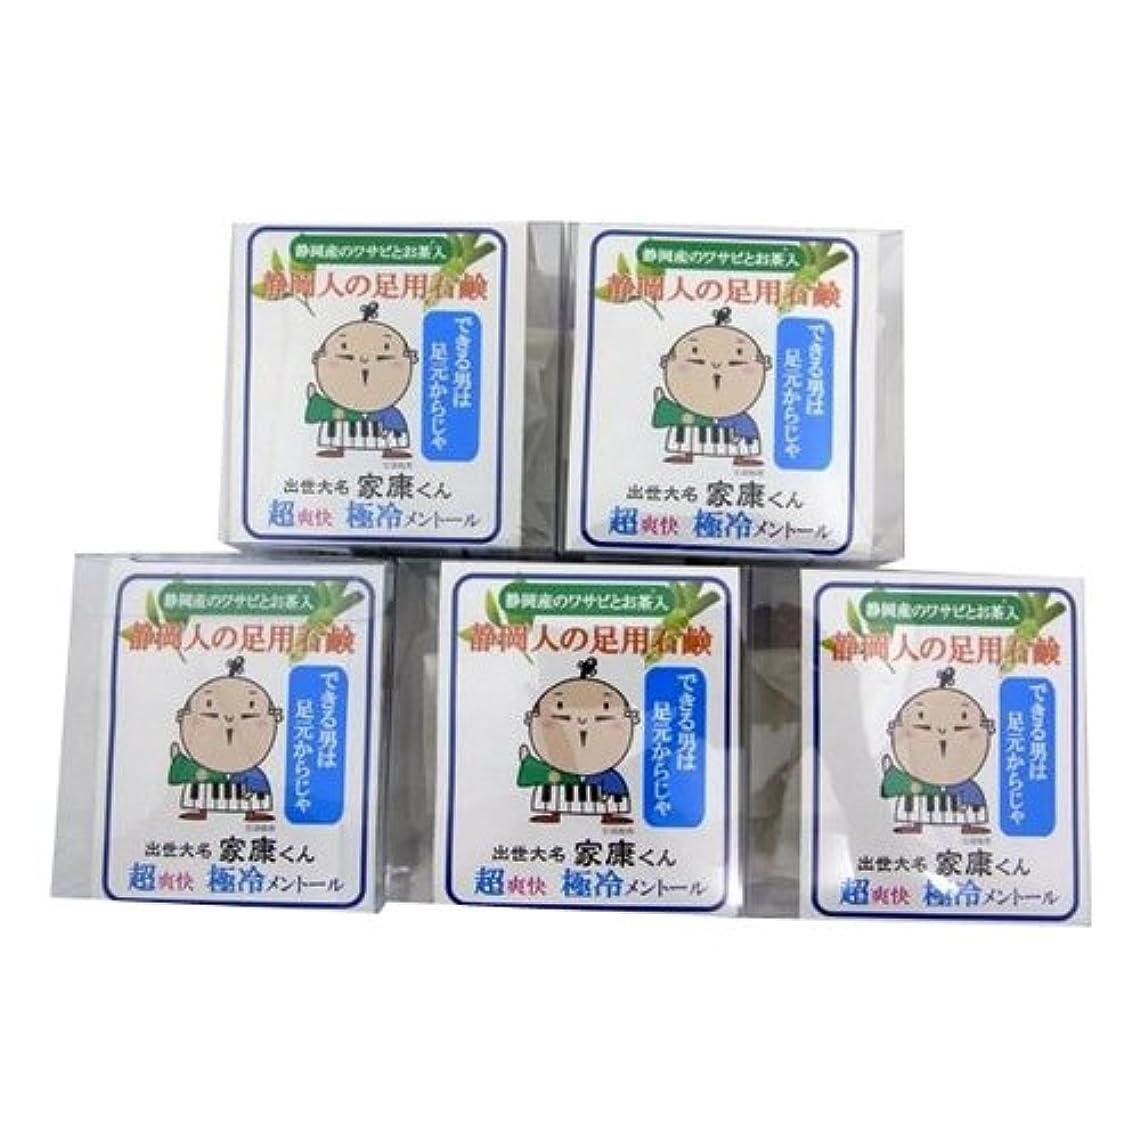 エコライフラボ 静岡人の足用石鹸60g (ネット付) 5個セット